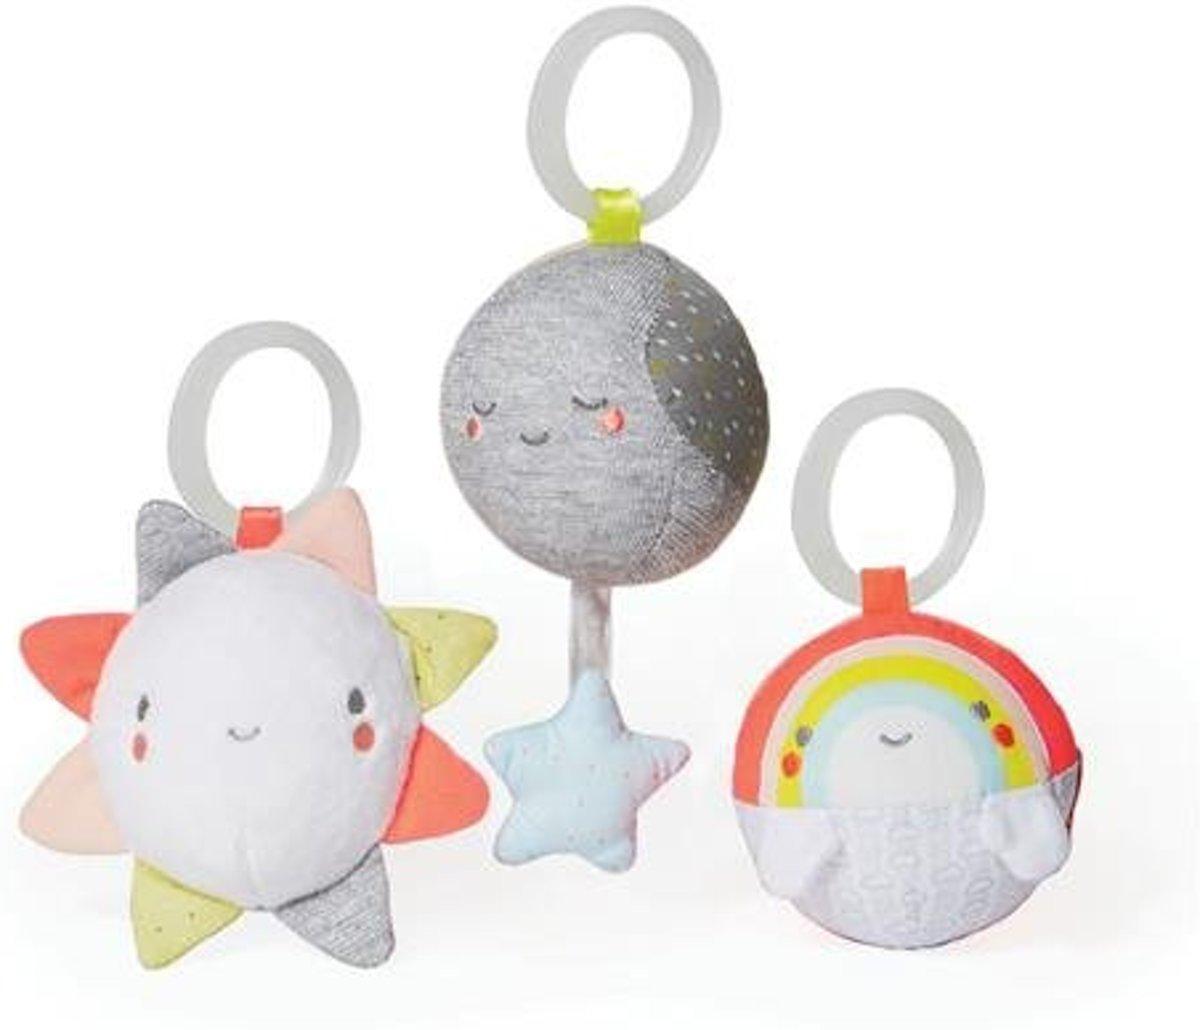 Skip Hop pluche babyspeeltje ball trio boxspeeltje ball trio